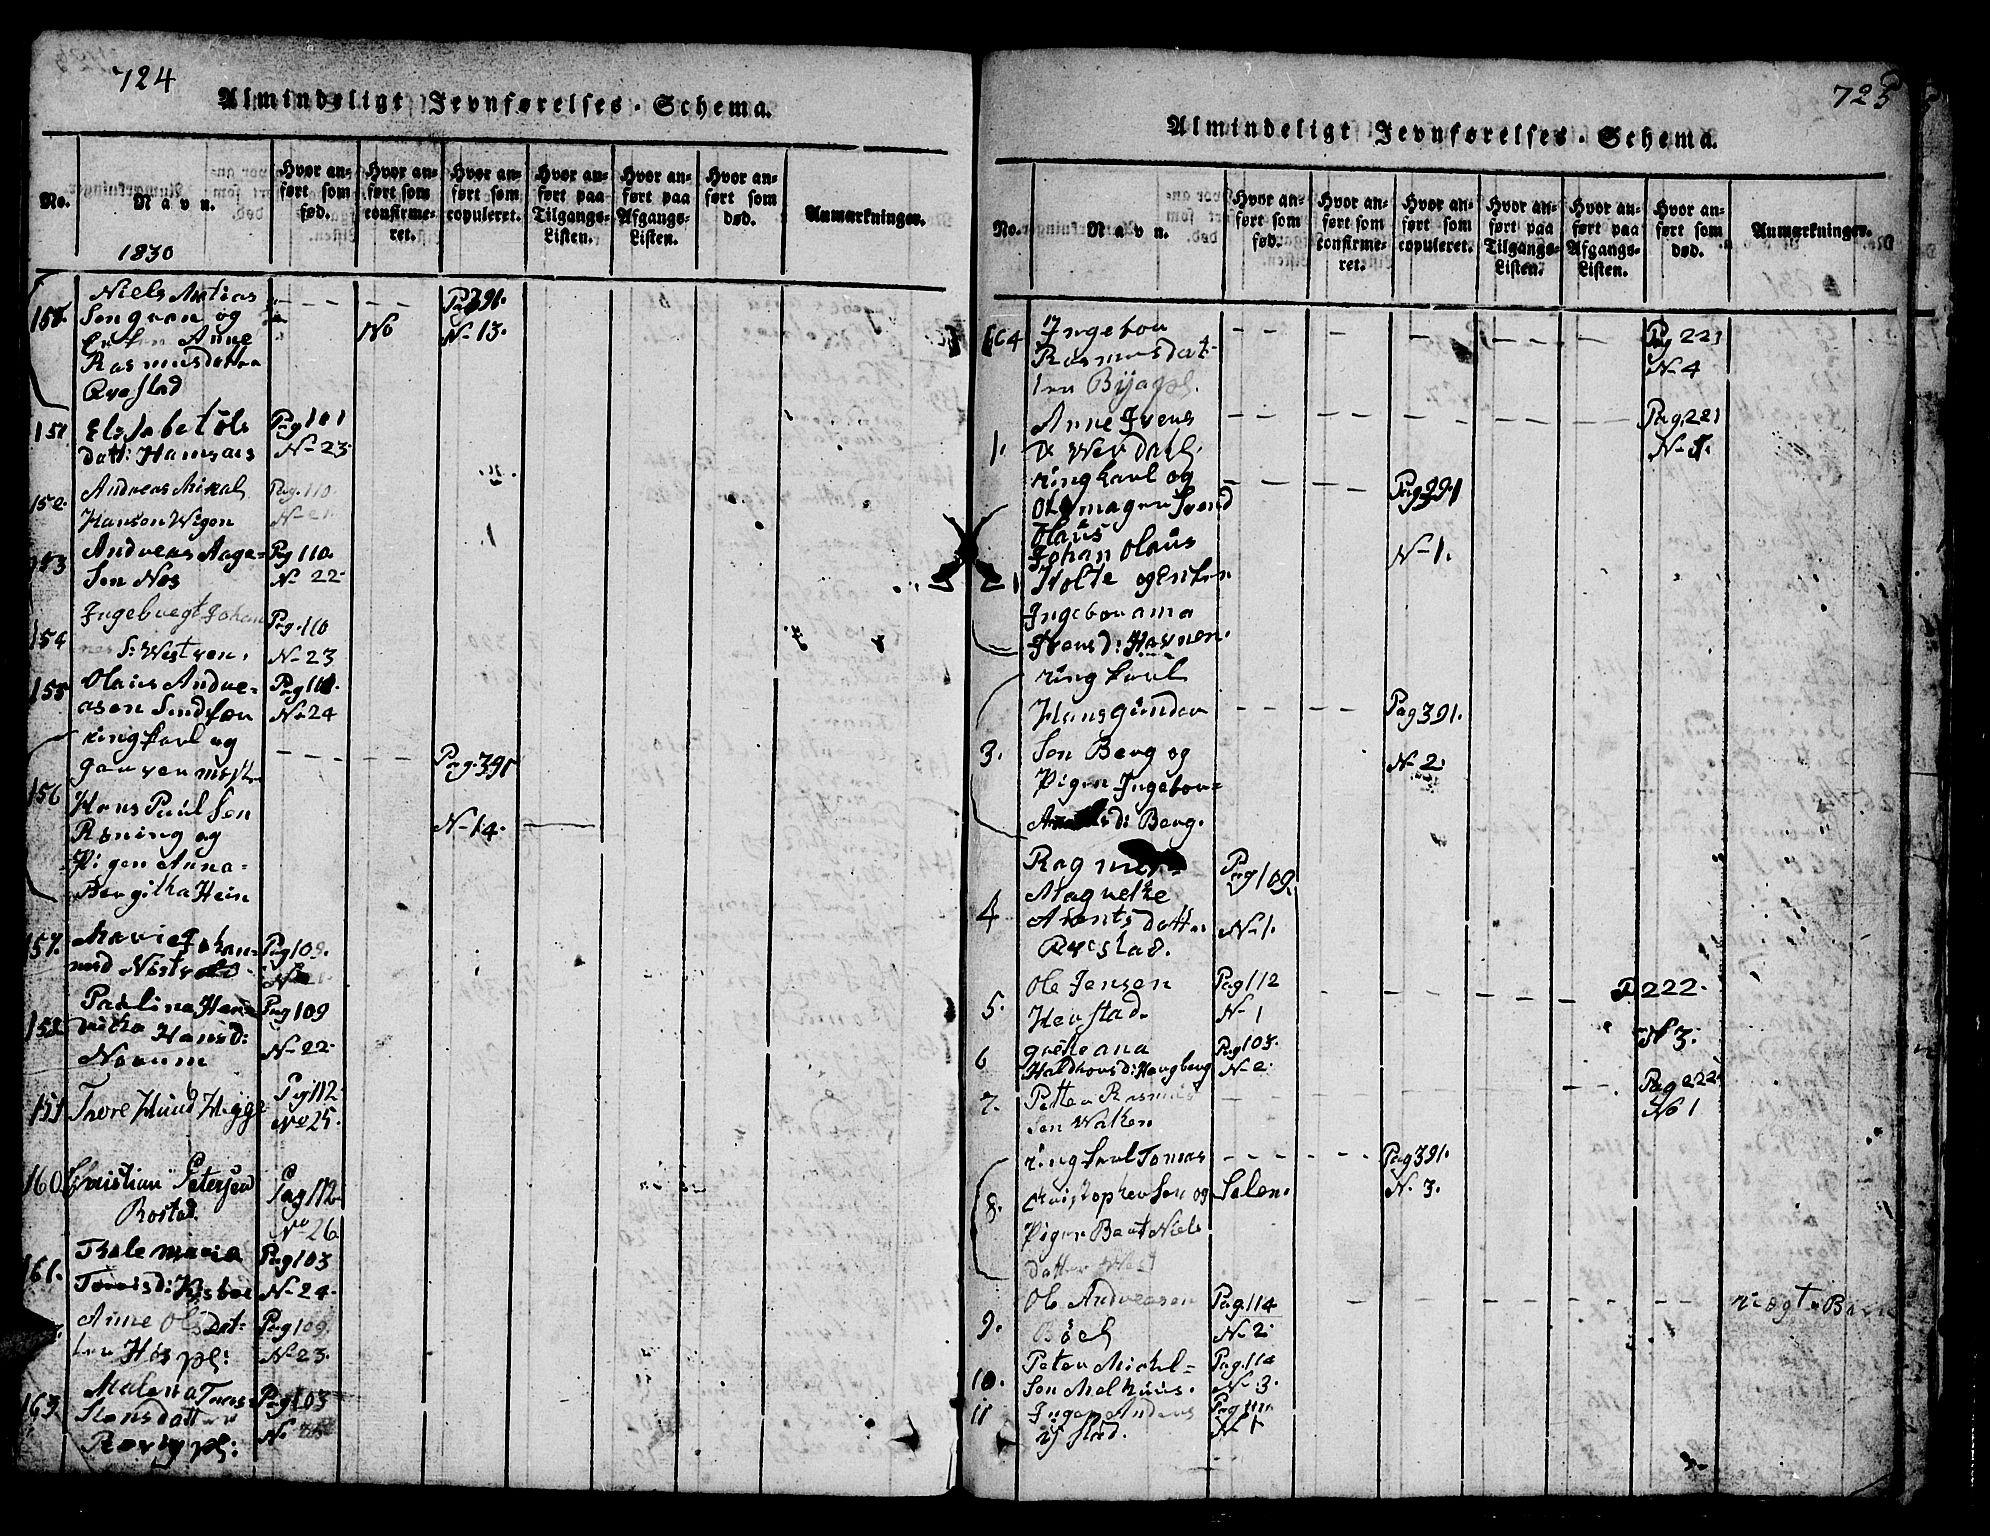 SAT, Ministerialprotokoller, klokkerbøker og fødselsregistre - Nord-Trøndelag, 730/L0298: Klokkerbok nr. 730C01, 1816-1849, s. 724-725